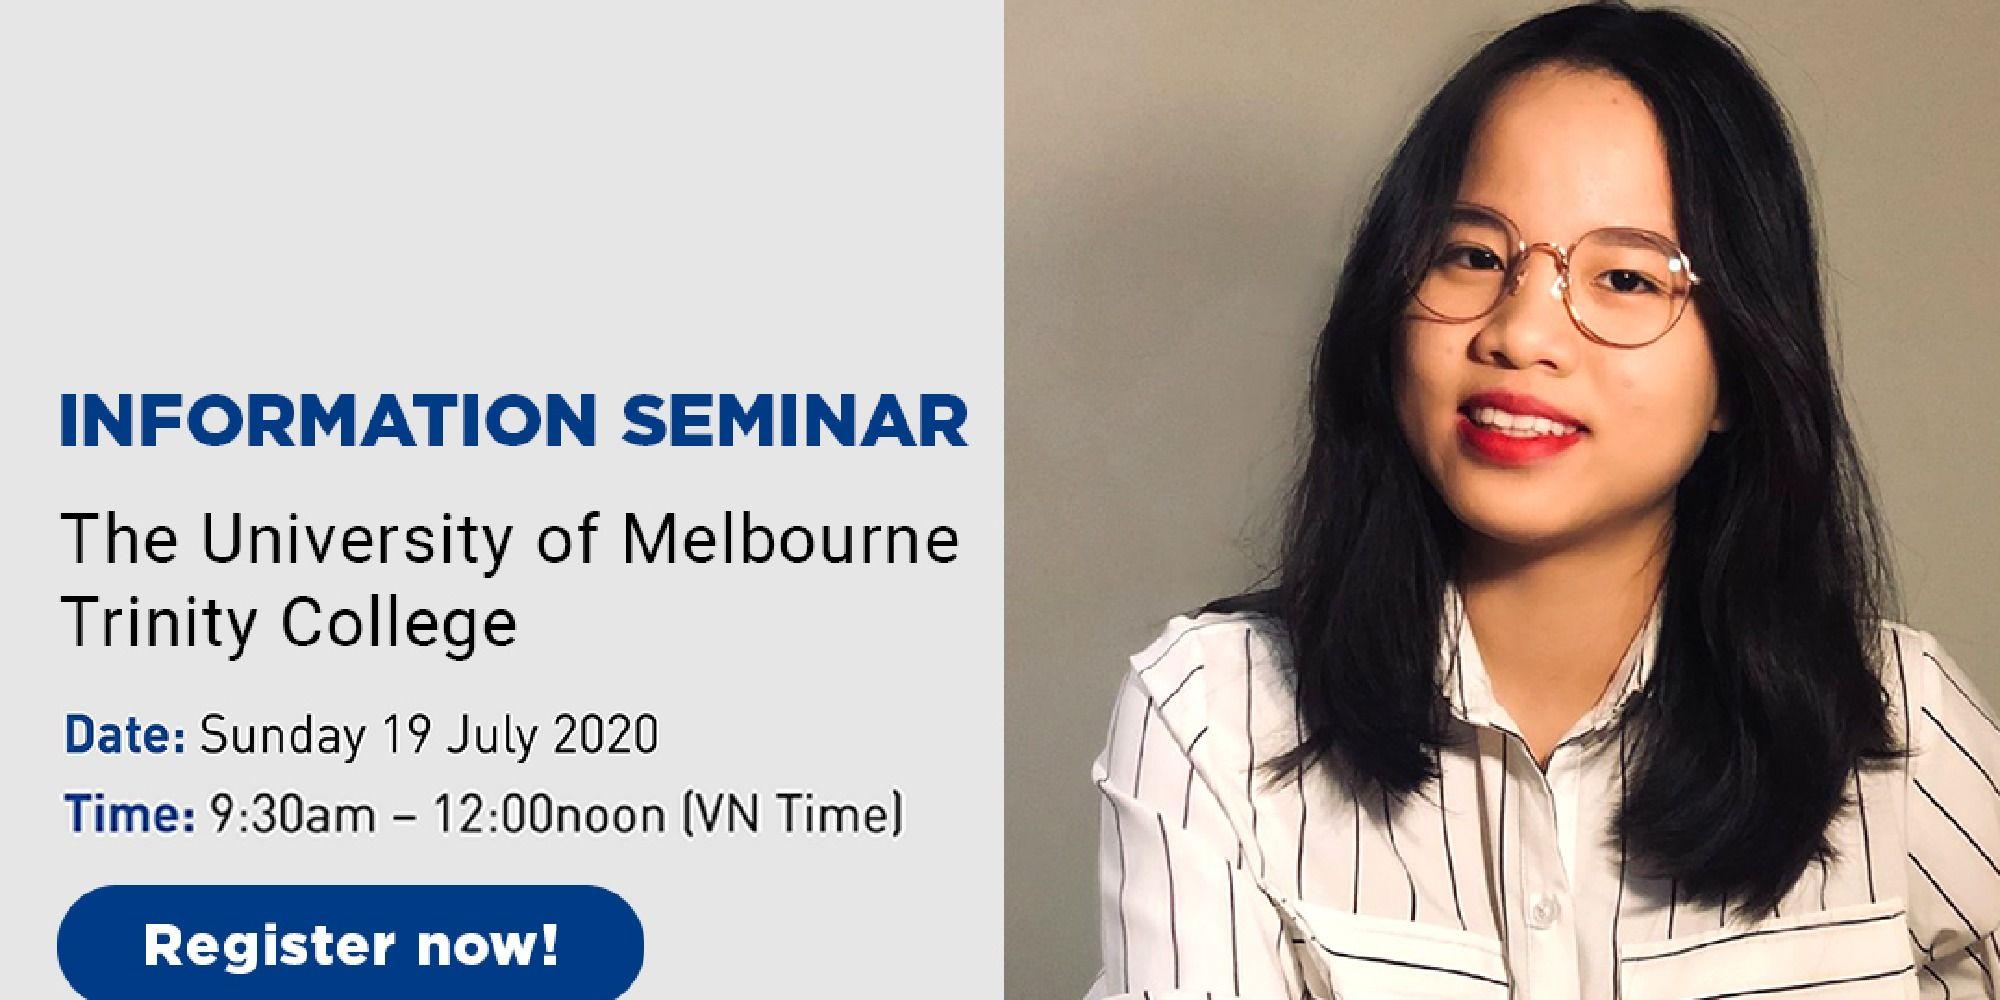 Mời dự Hội thảo ONLINE: University of Melbourne - Trinity College: Trường số 1 tại Úc Tư vấn & Tiếp nhận hồ sơ 2021